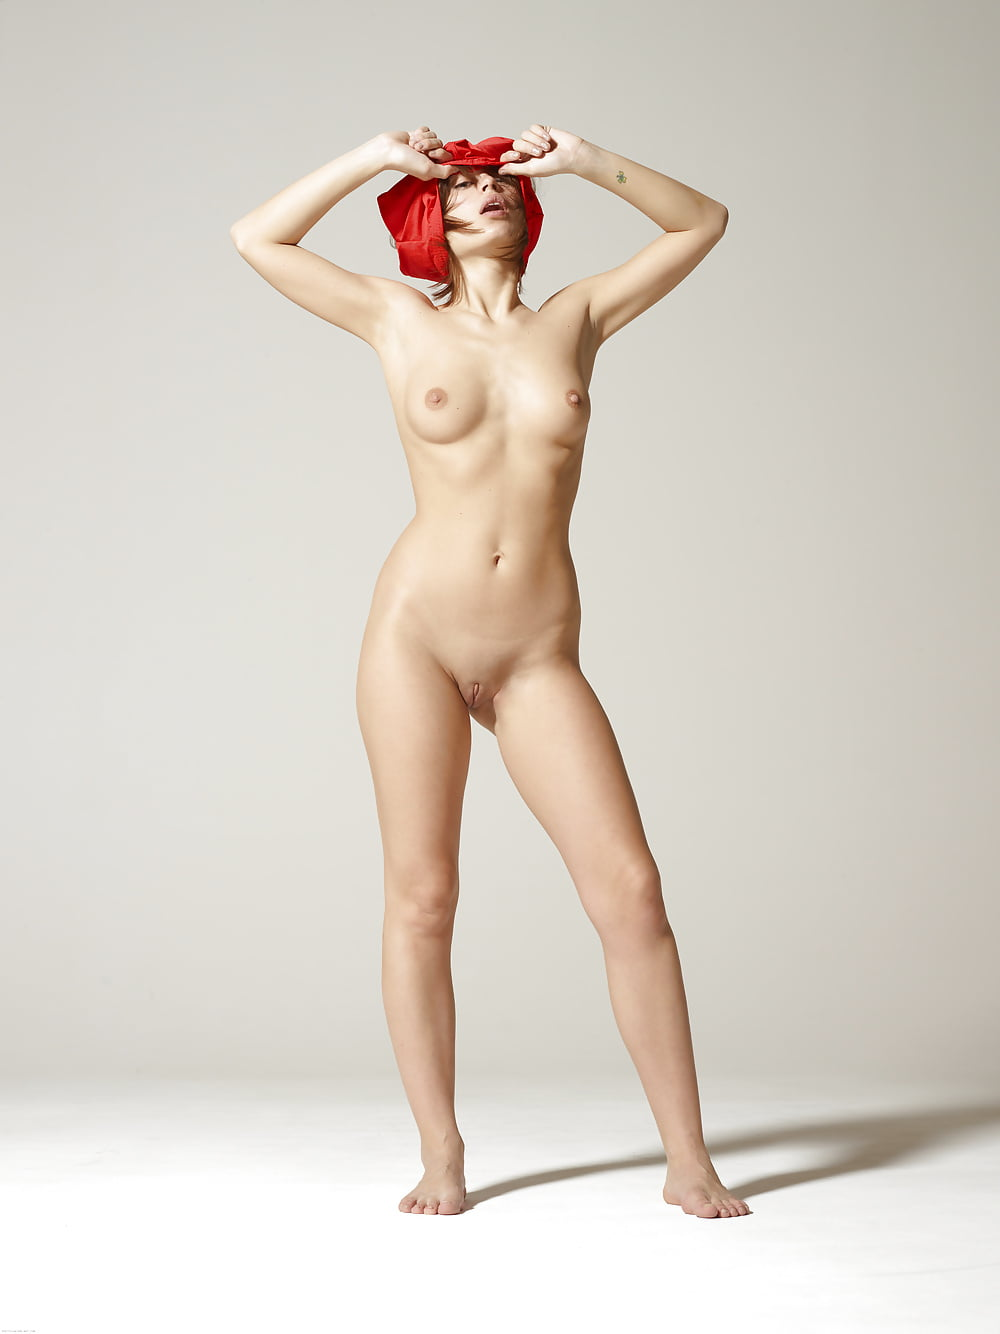 Indo girl standing naked, man fucks a chick gif